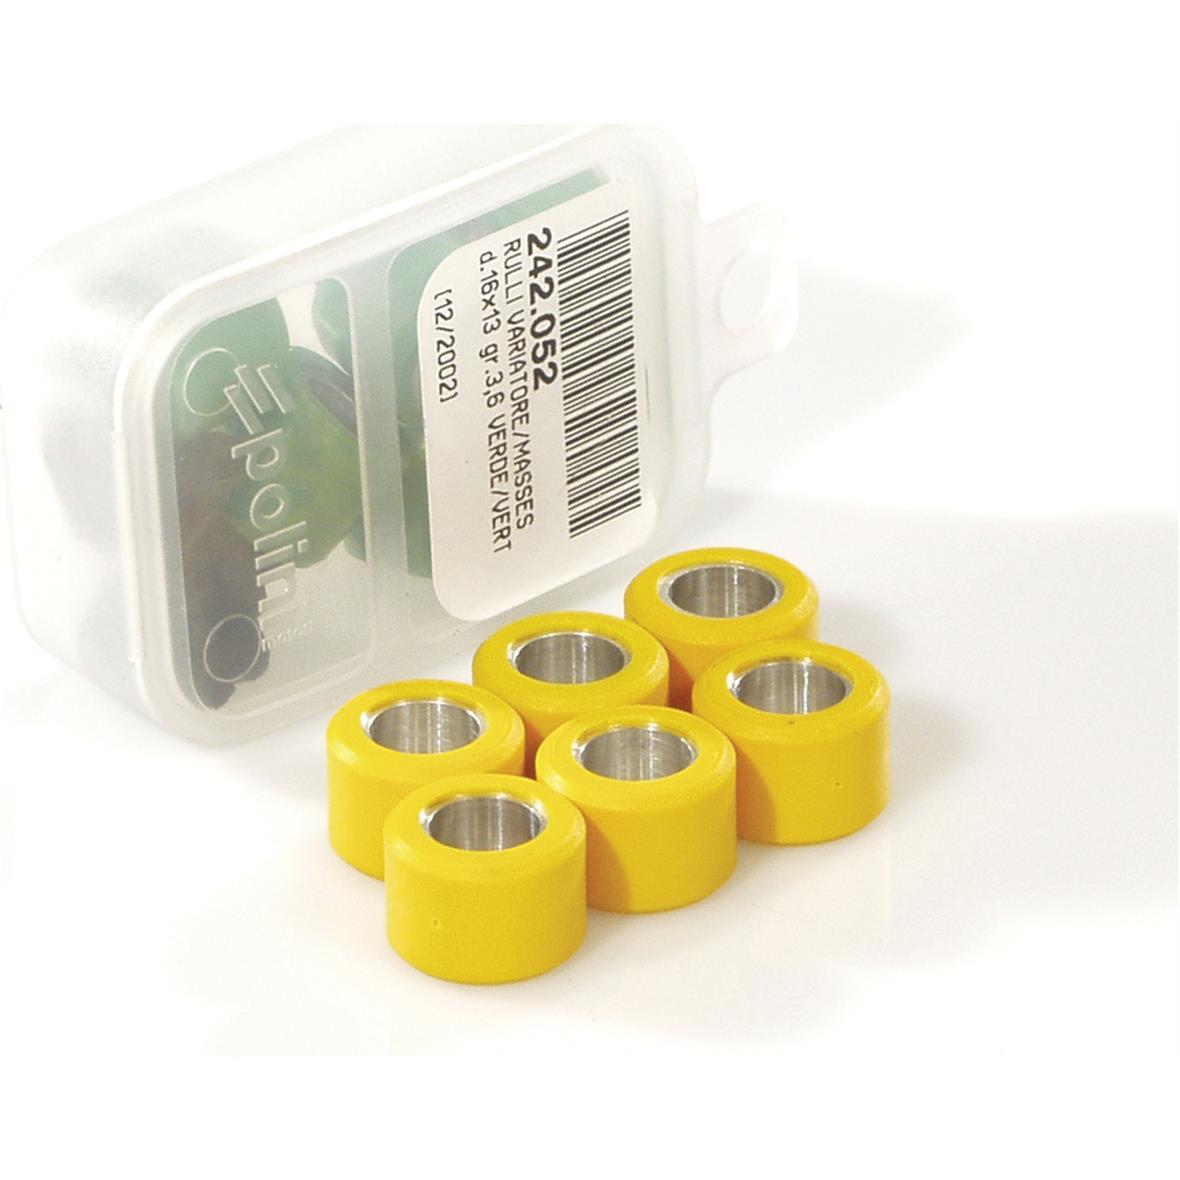 Εικόνα προϊόντος για 'Ράουλα Βαριατόρ POLINI 20x12 mm 15,4 γραμμάριοTitle'